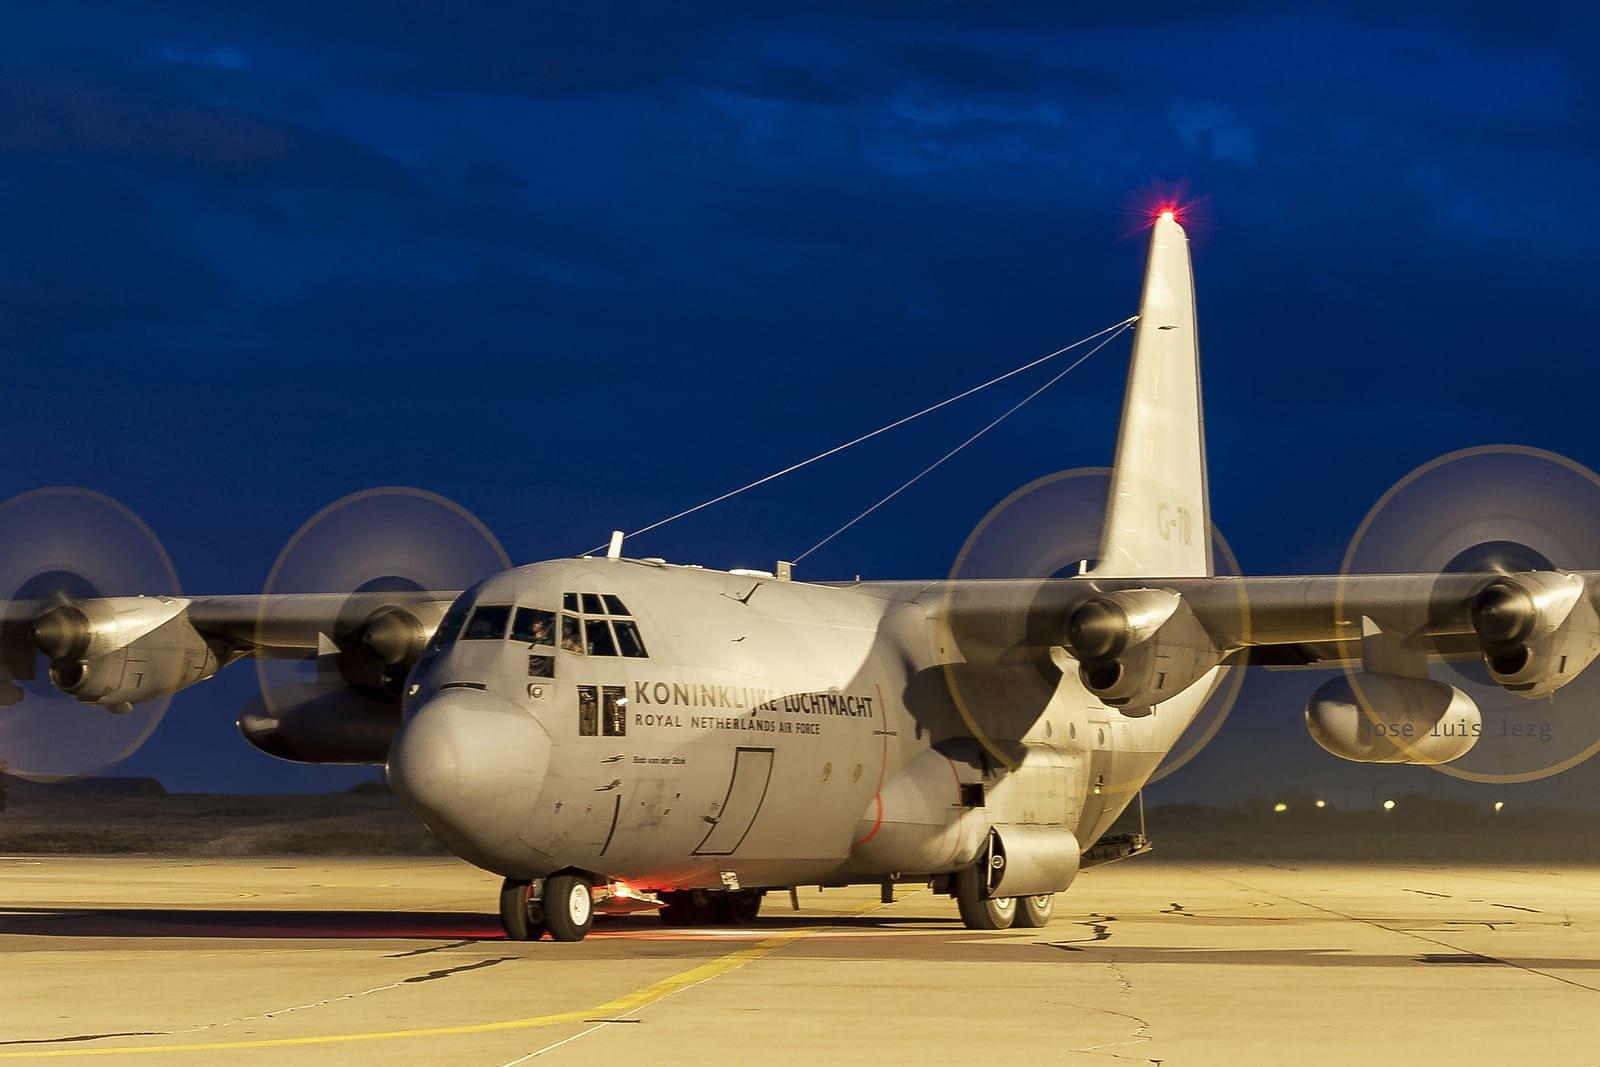 Hércules de la fuerza aérea de los Paises bajos